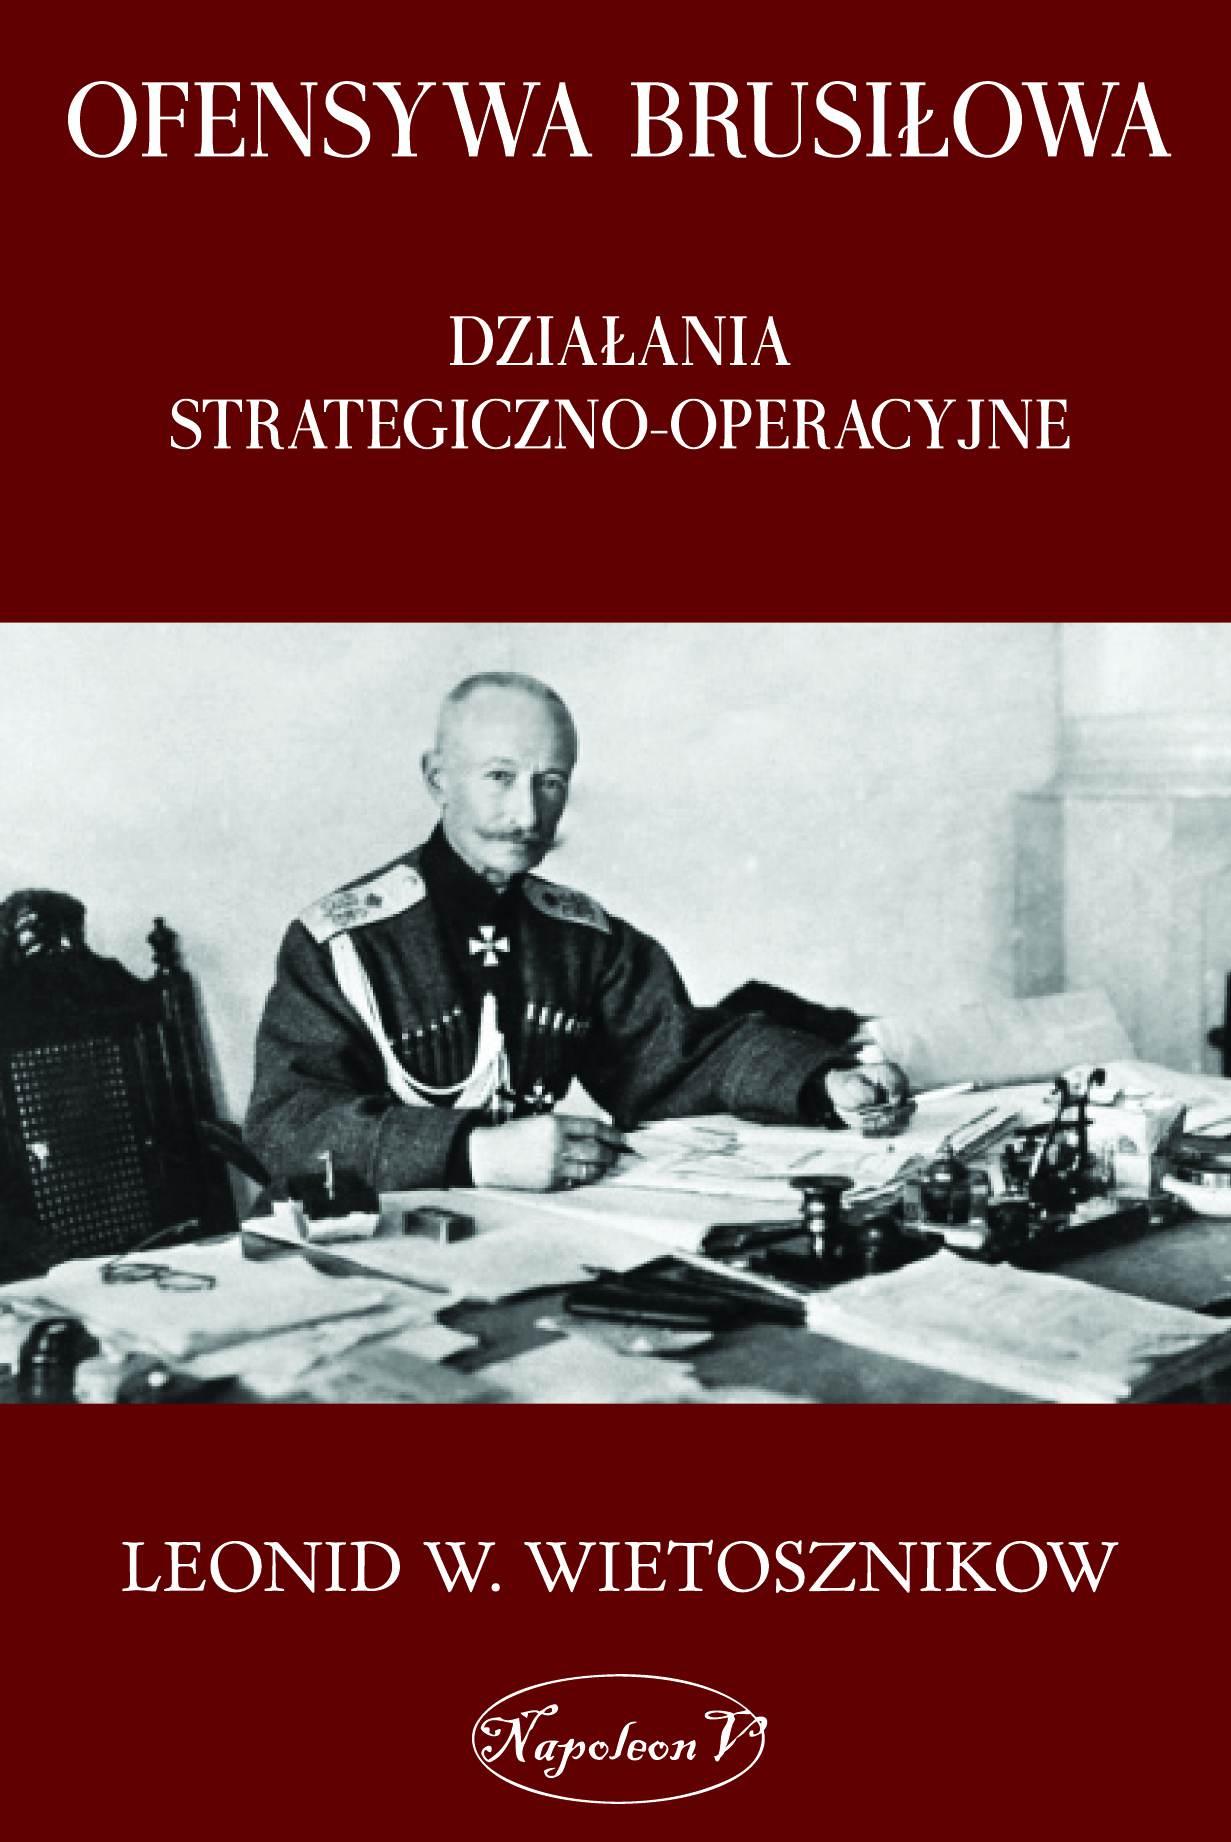 Ofensywa Brusiłowa. Działania strategiczno-operacyjne - Ebook (Książka na Kindle) do pobrania w formacie MOBI